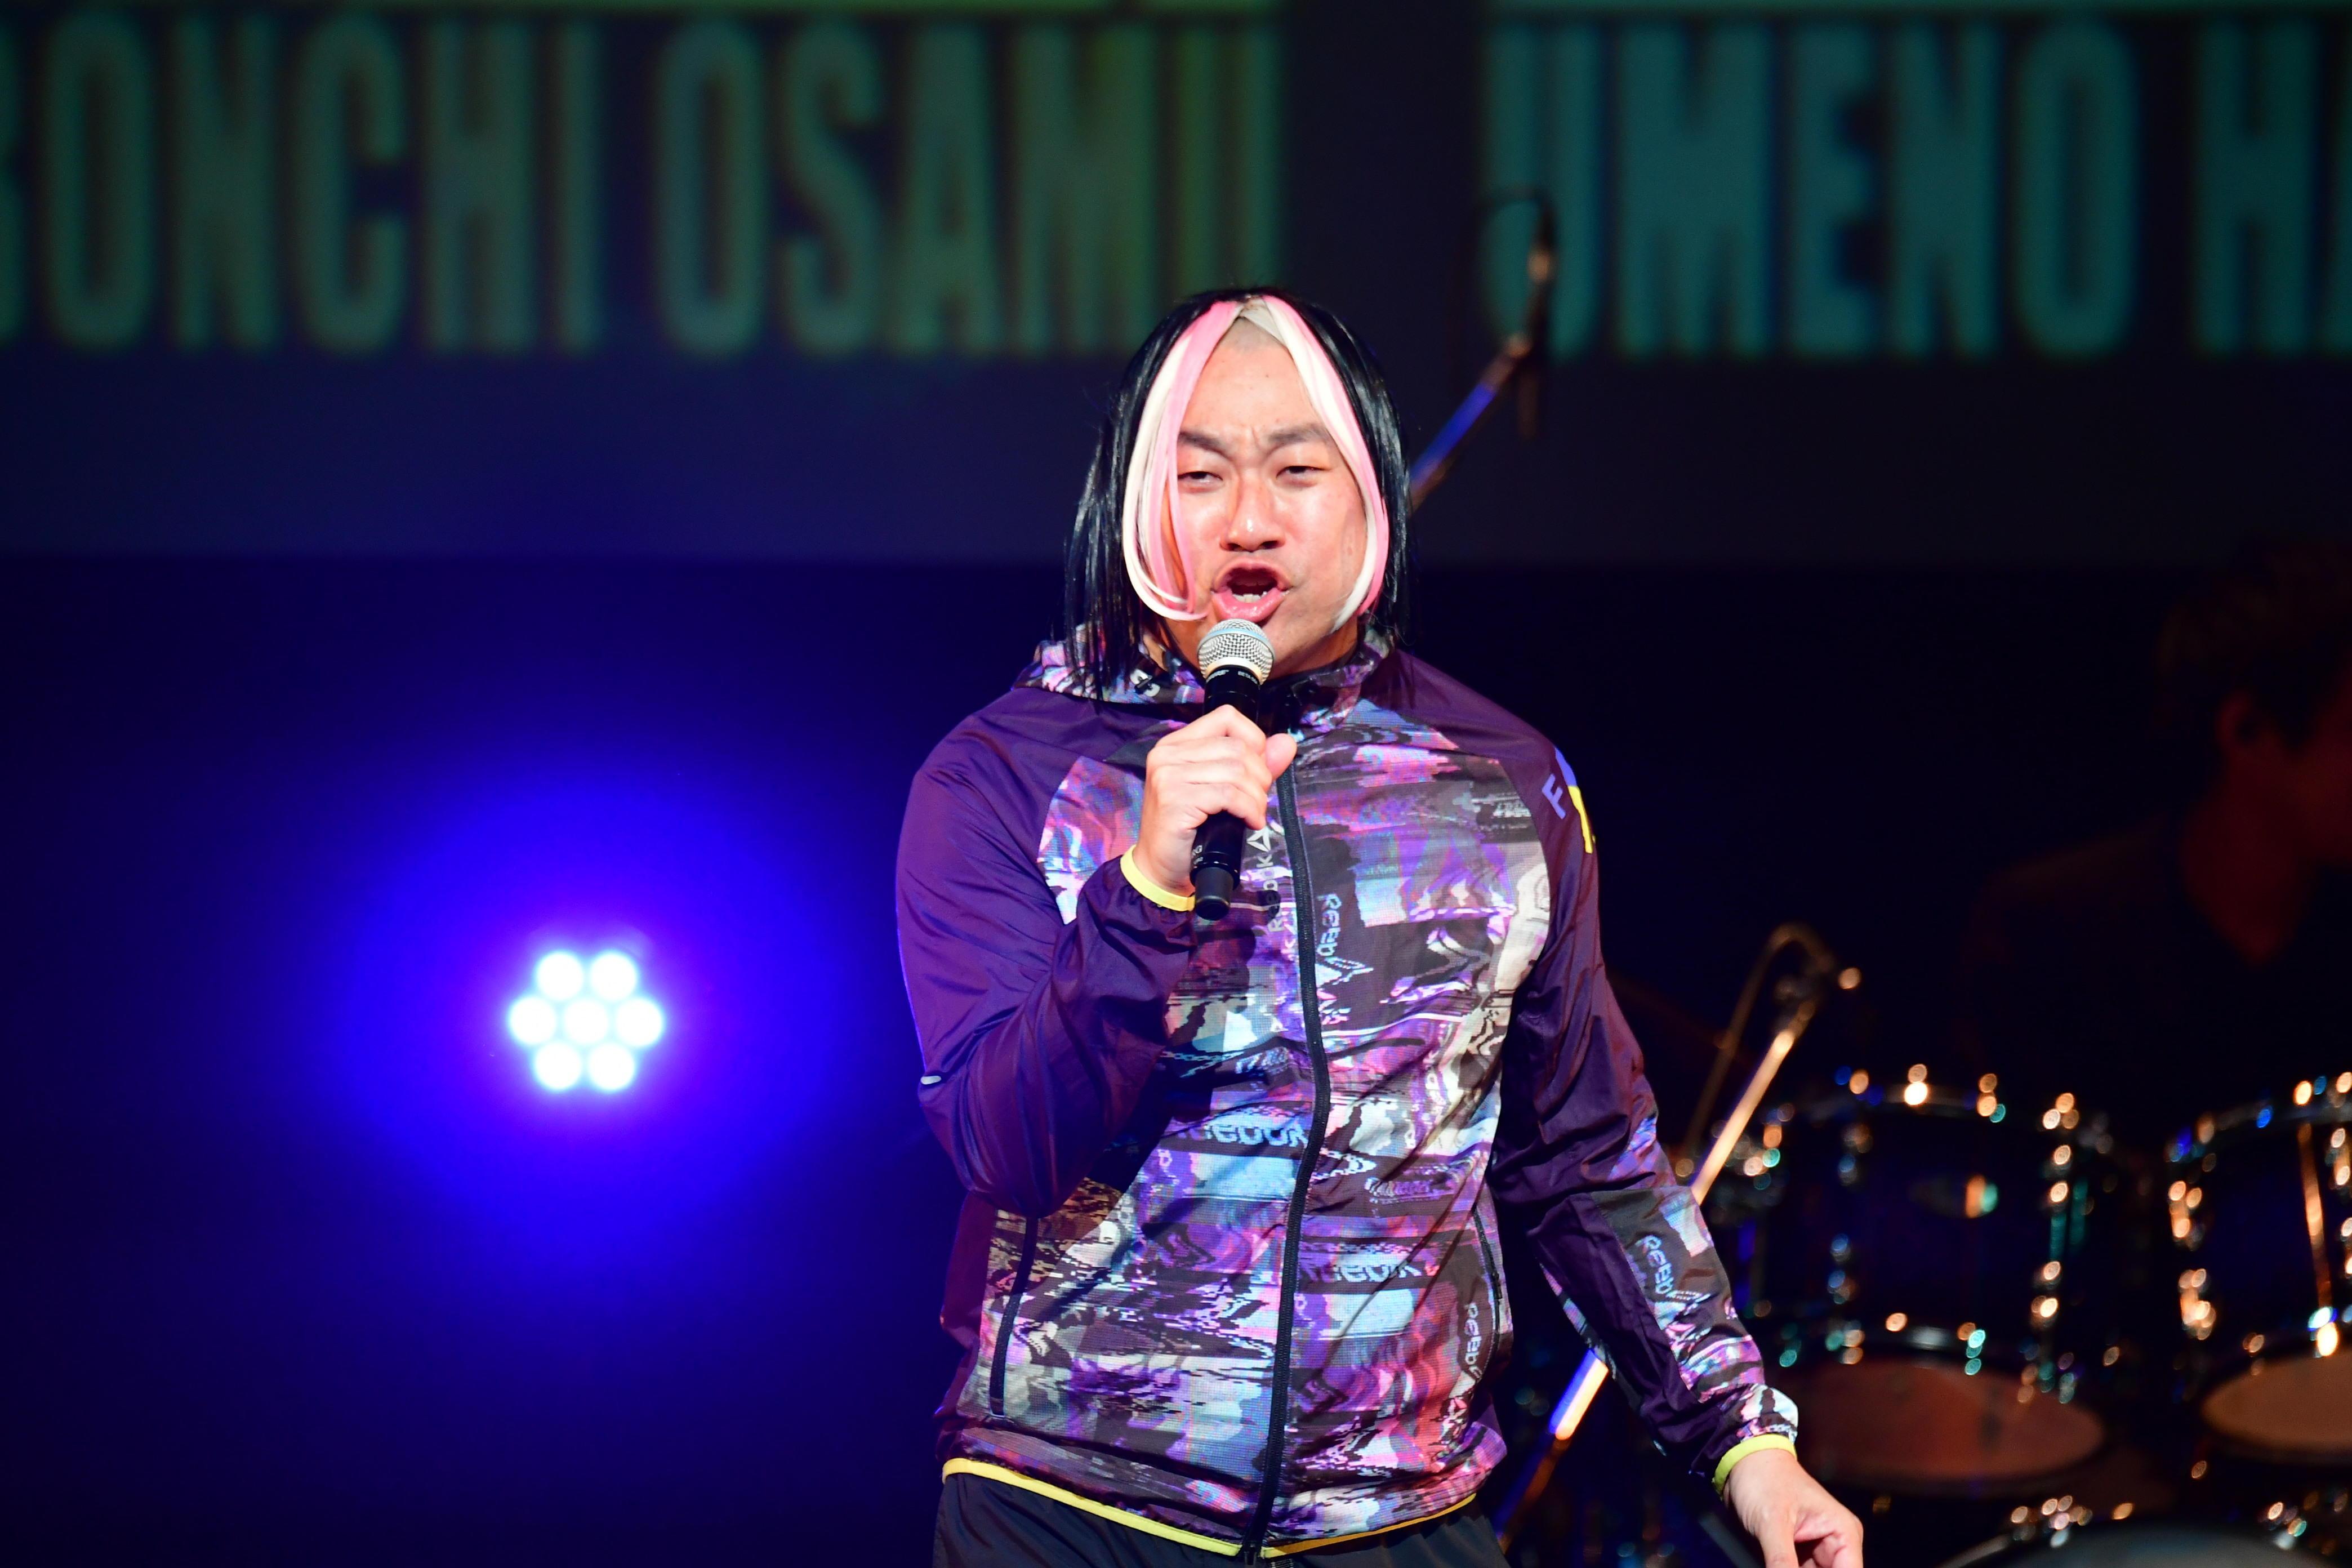 http://news.yoshimoto.co.jp/20190101133620-269d2a7d731decc93a712caaf11fa86002b50fe9.jpg